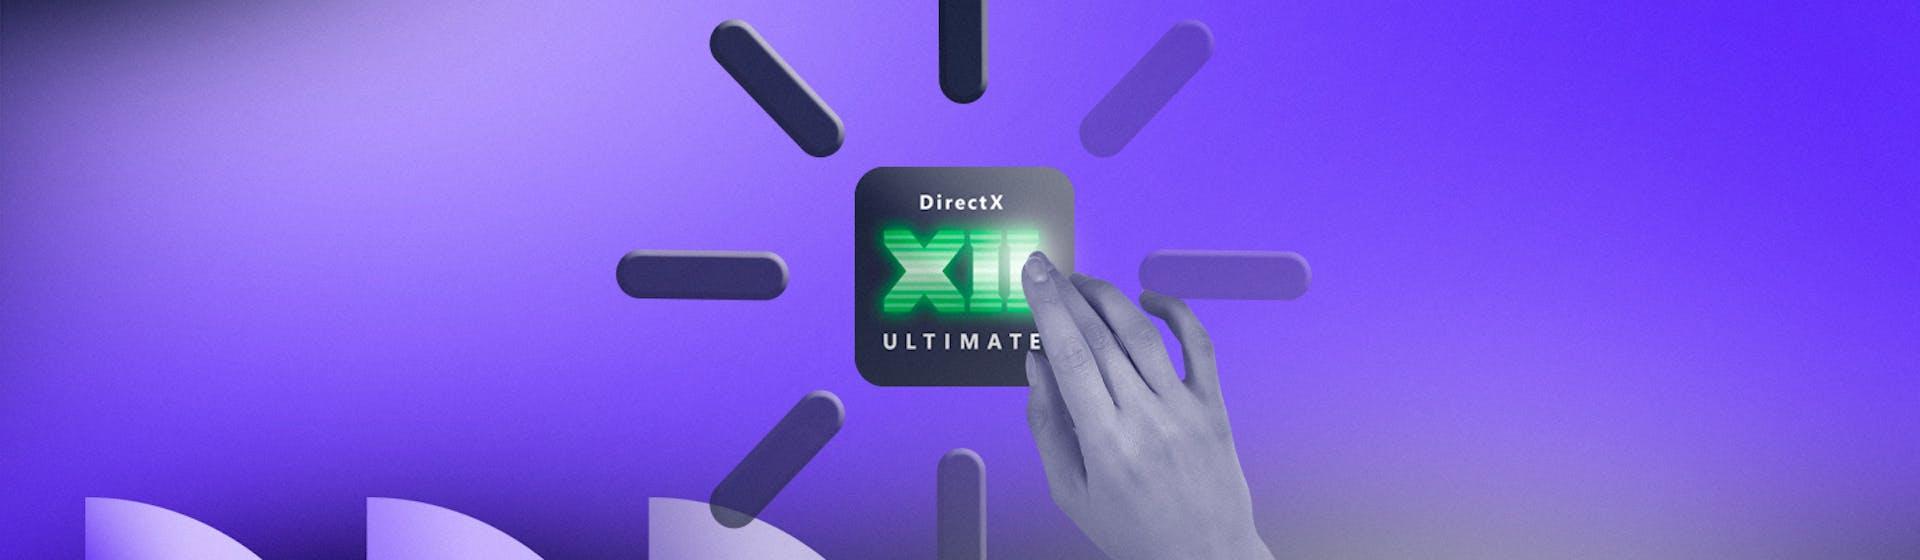 ¿Cómo saber qué versión de DirectX tengo e instalar sin problemas un juego?